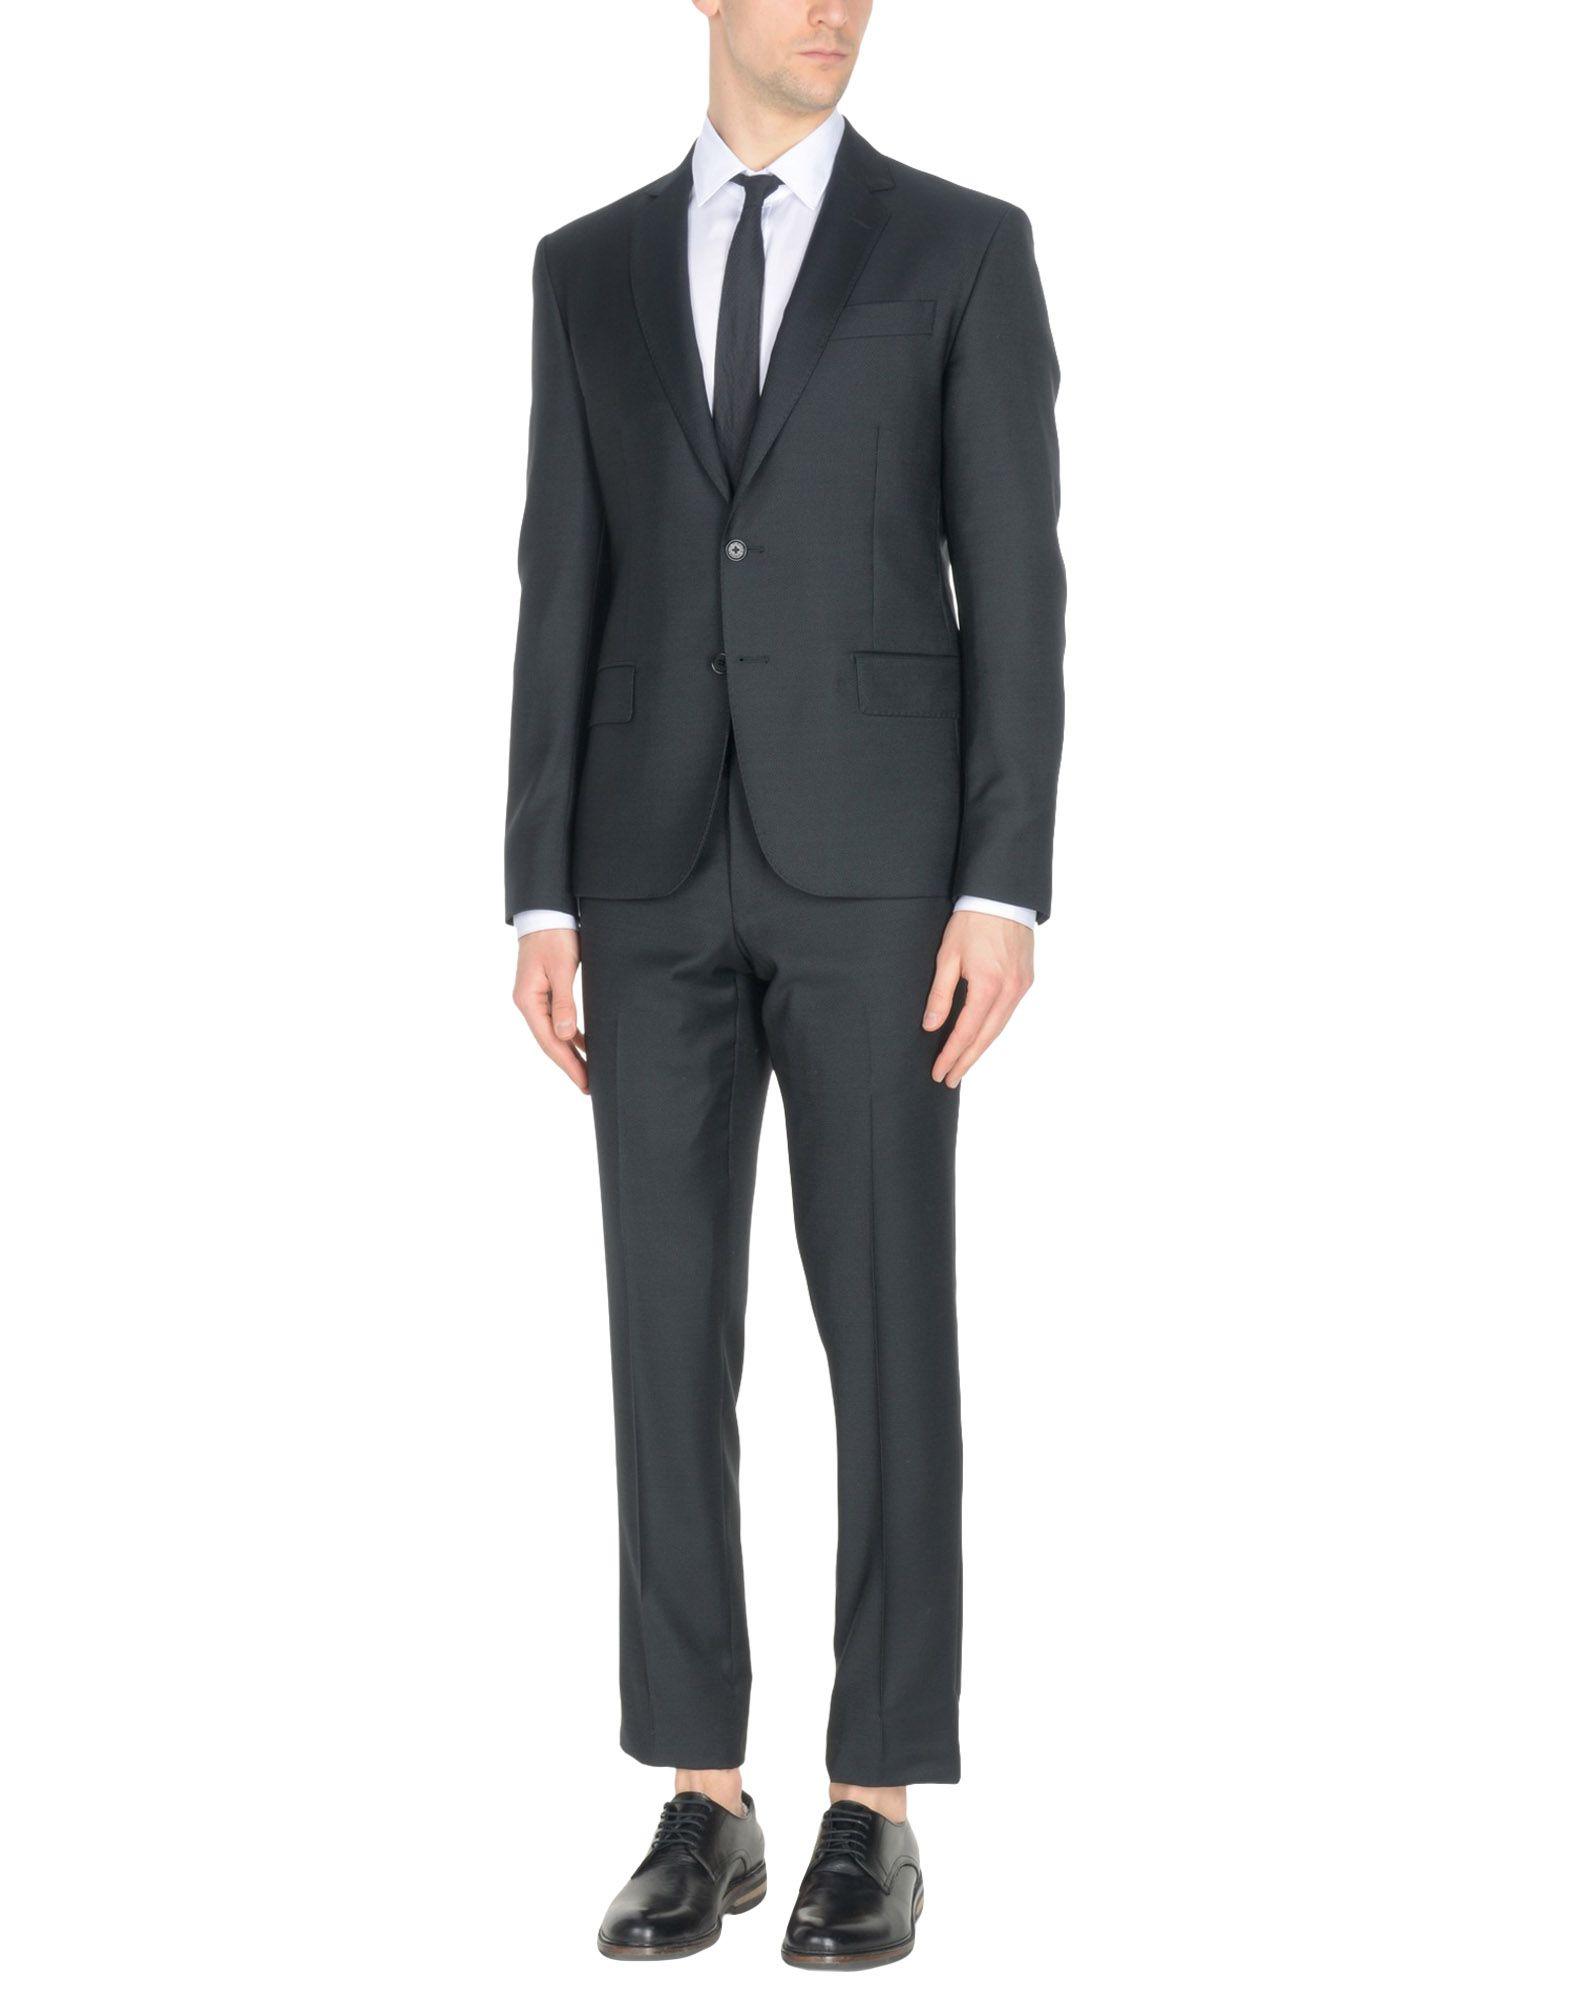 《送料無料》PIERRE BALMAIN メンズ スーツ ブラック 54 バージンウール 100%